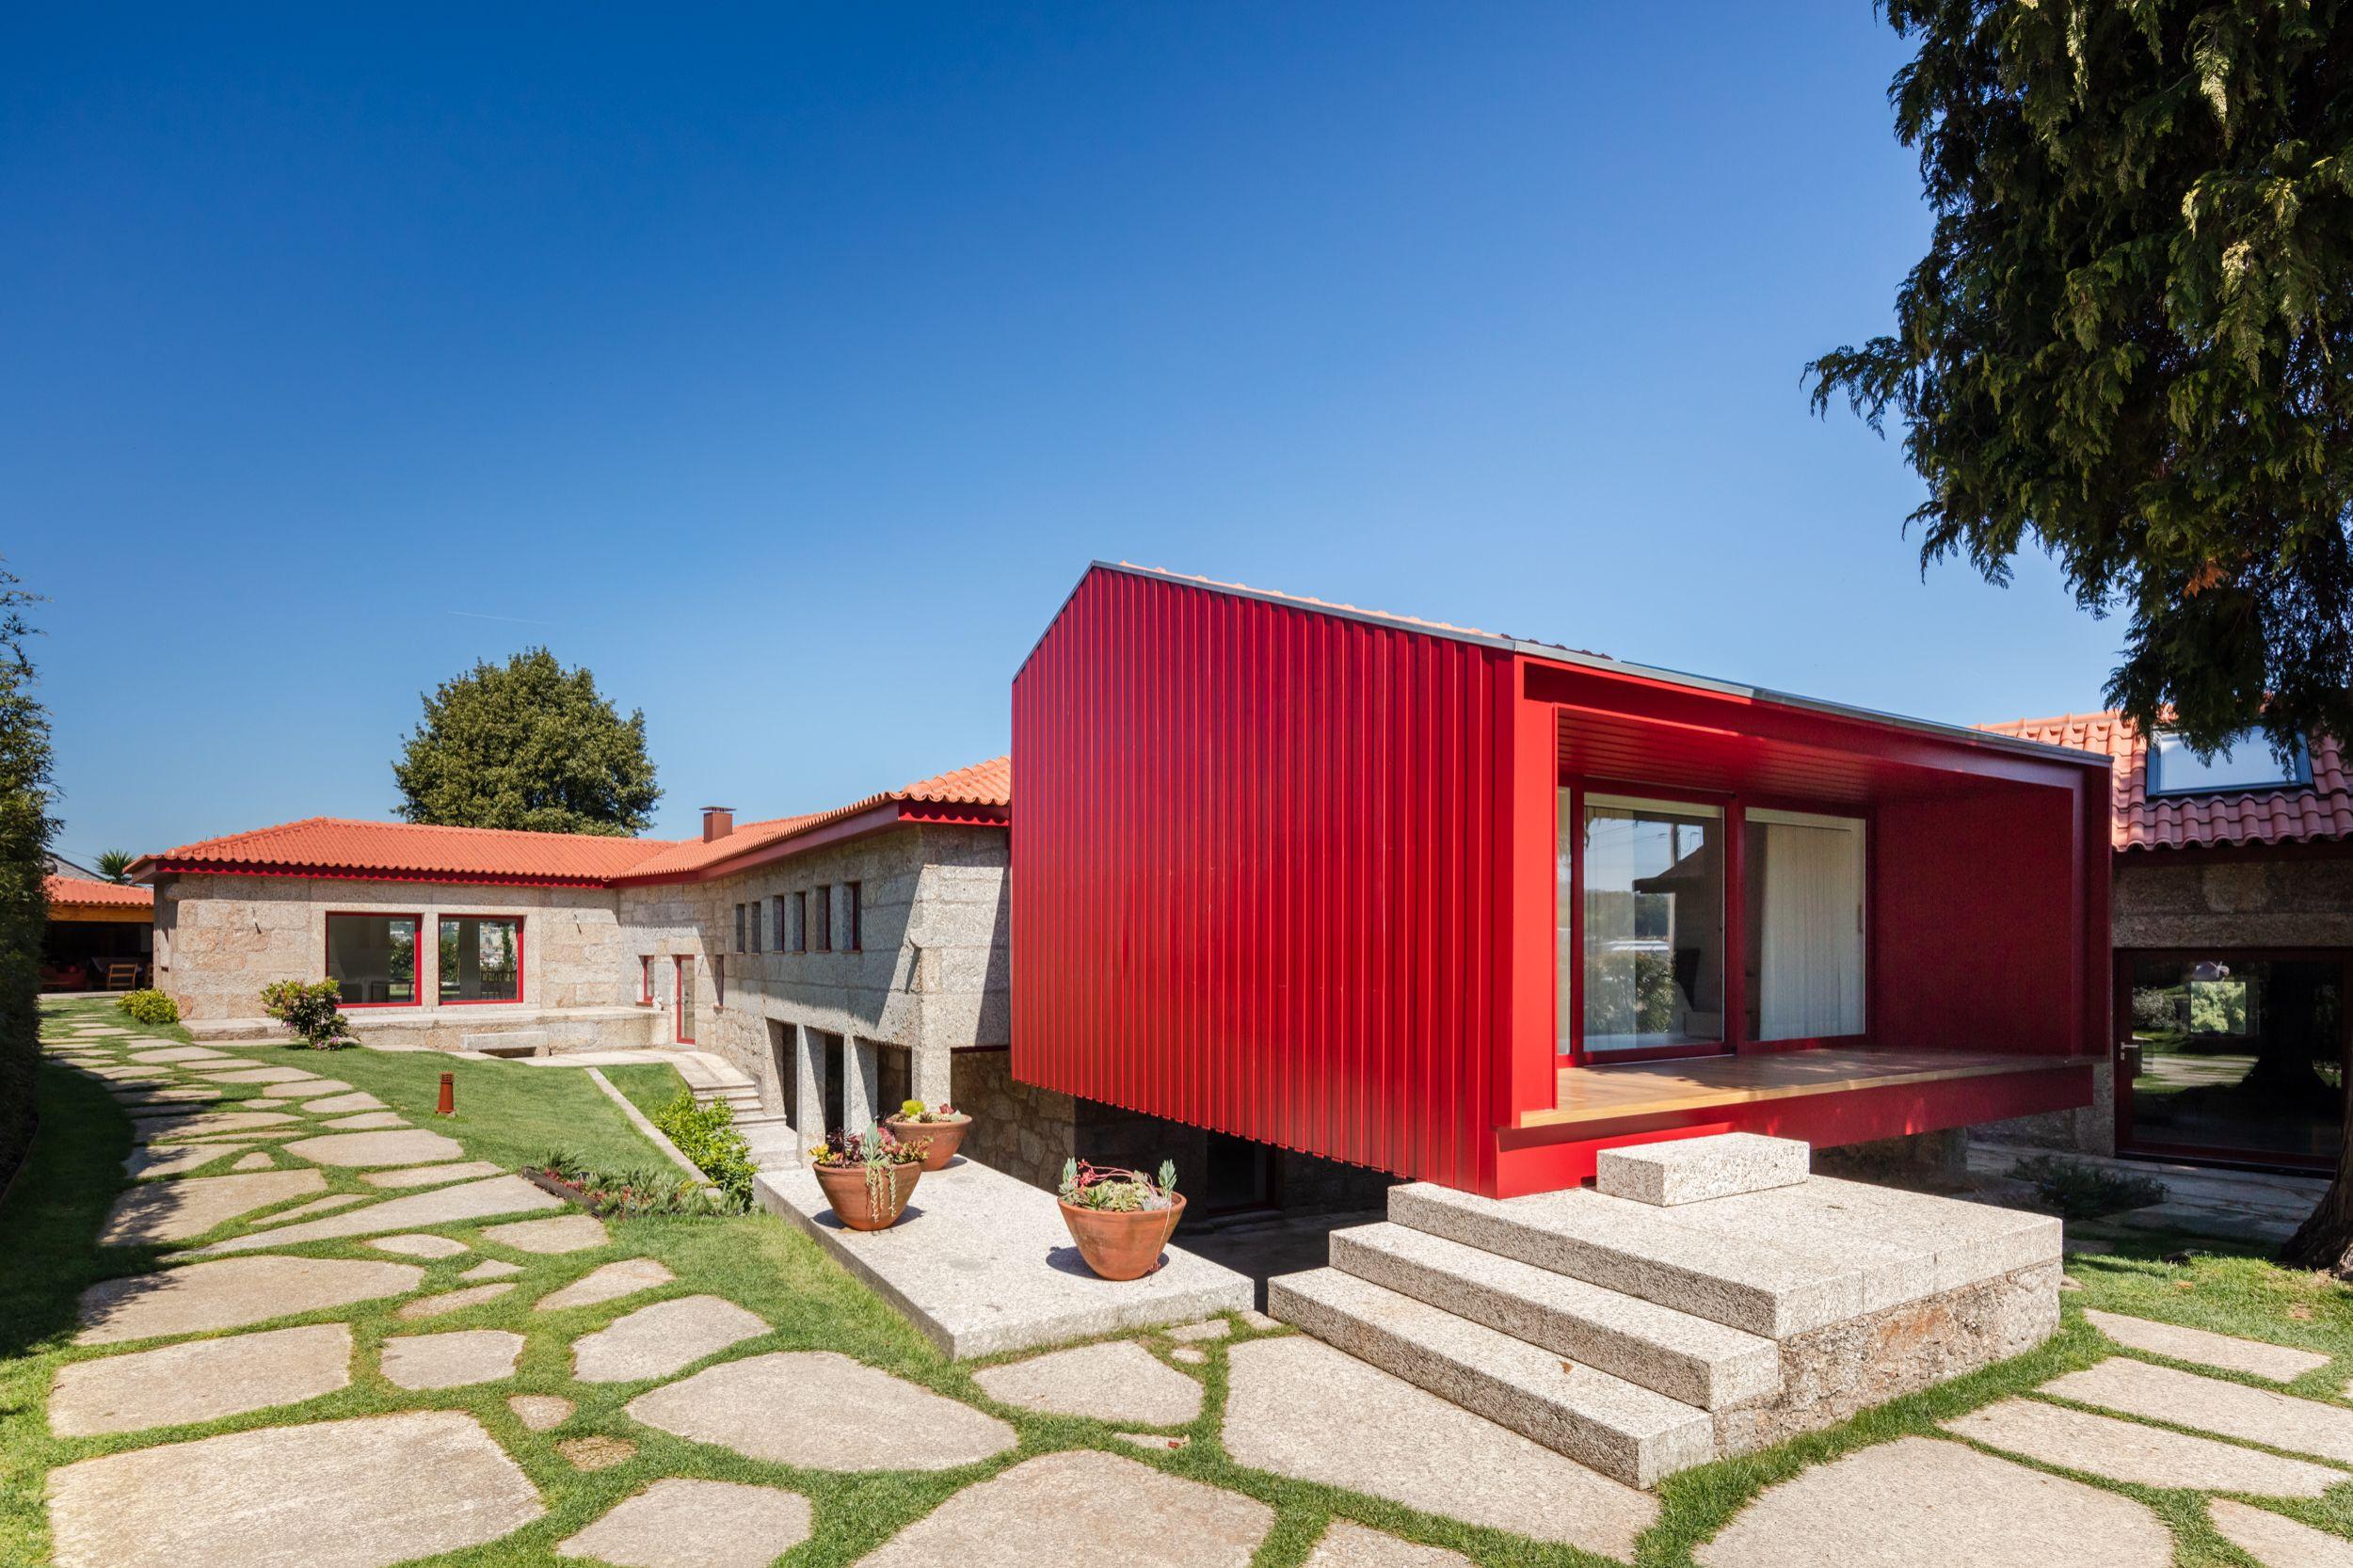 QST House, vencedora na categoria Restoration & Renovatione (NOARQ) / João Morgado